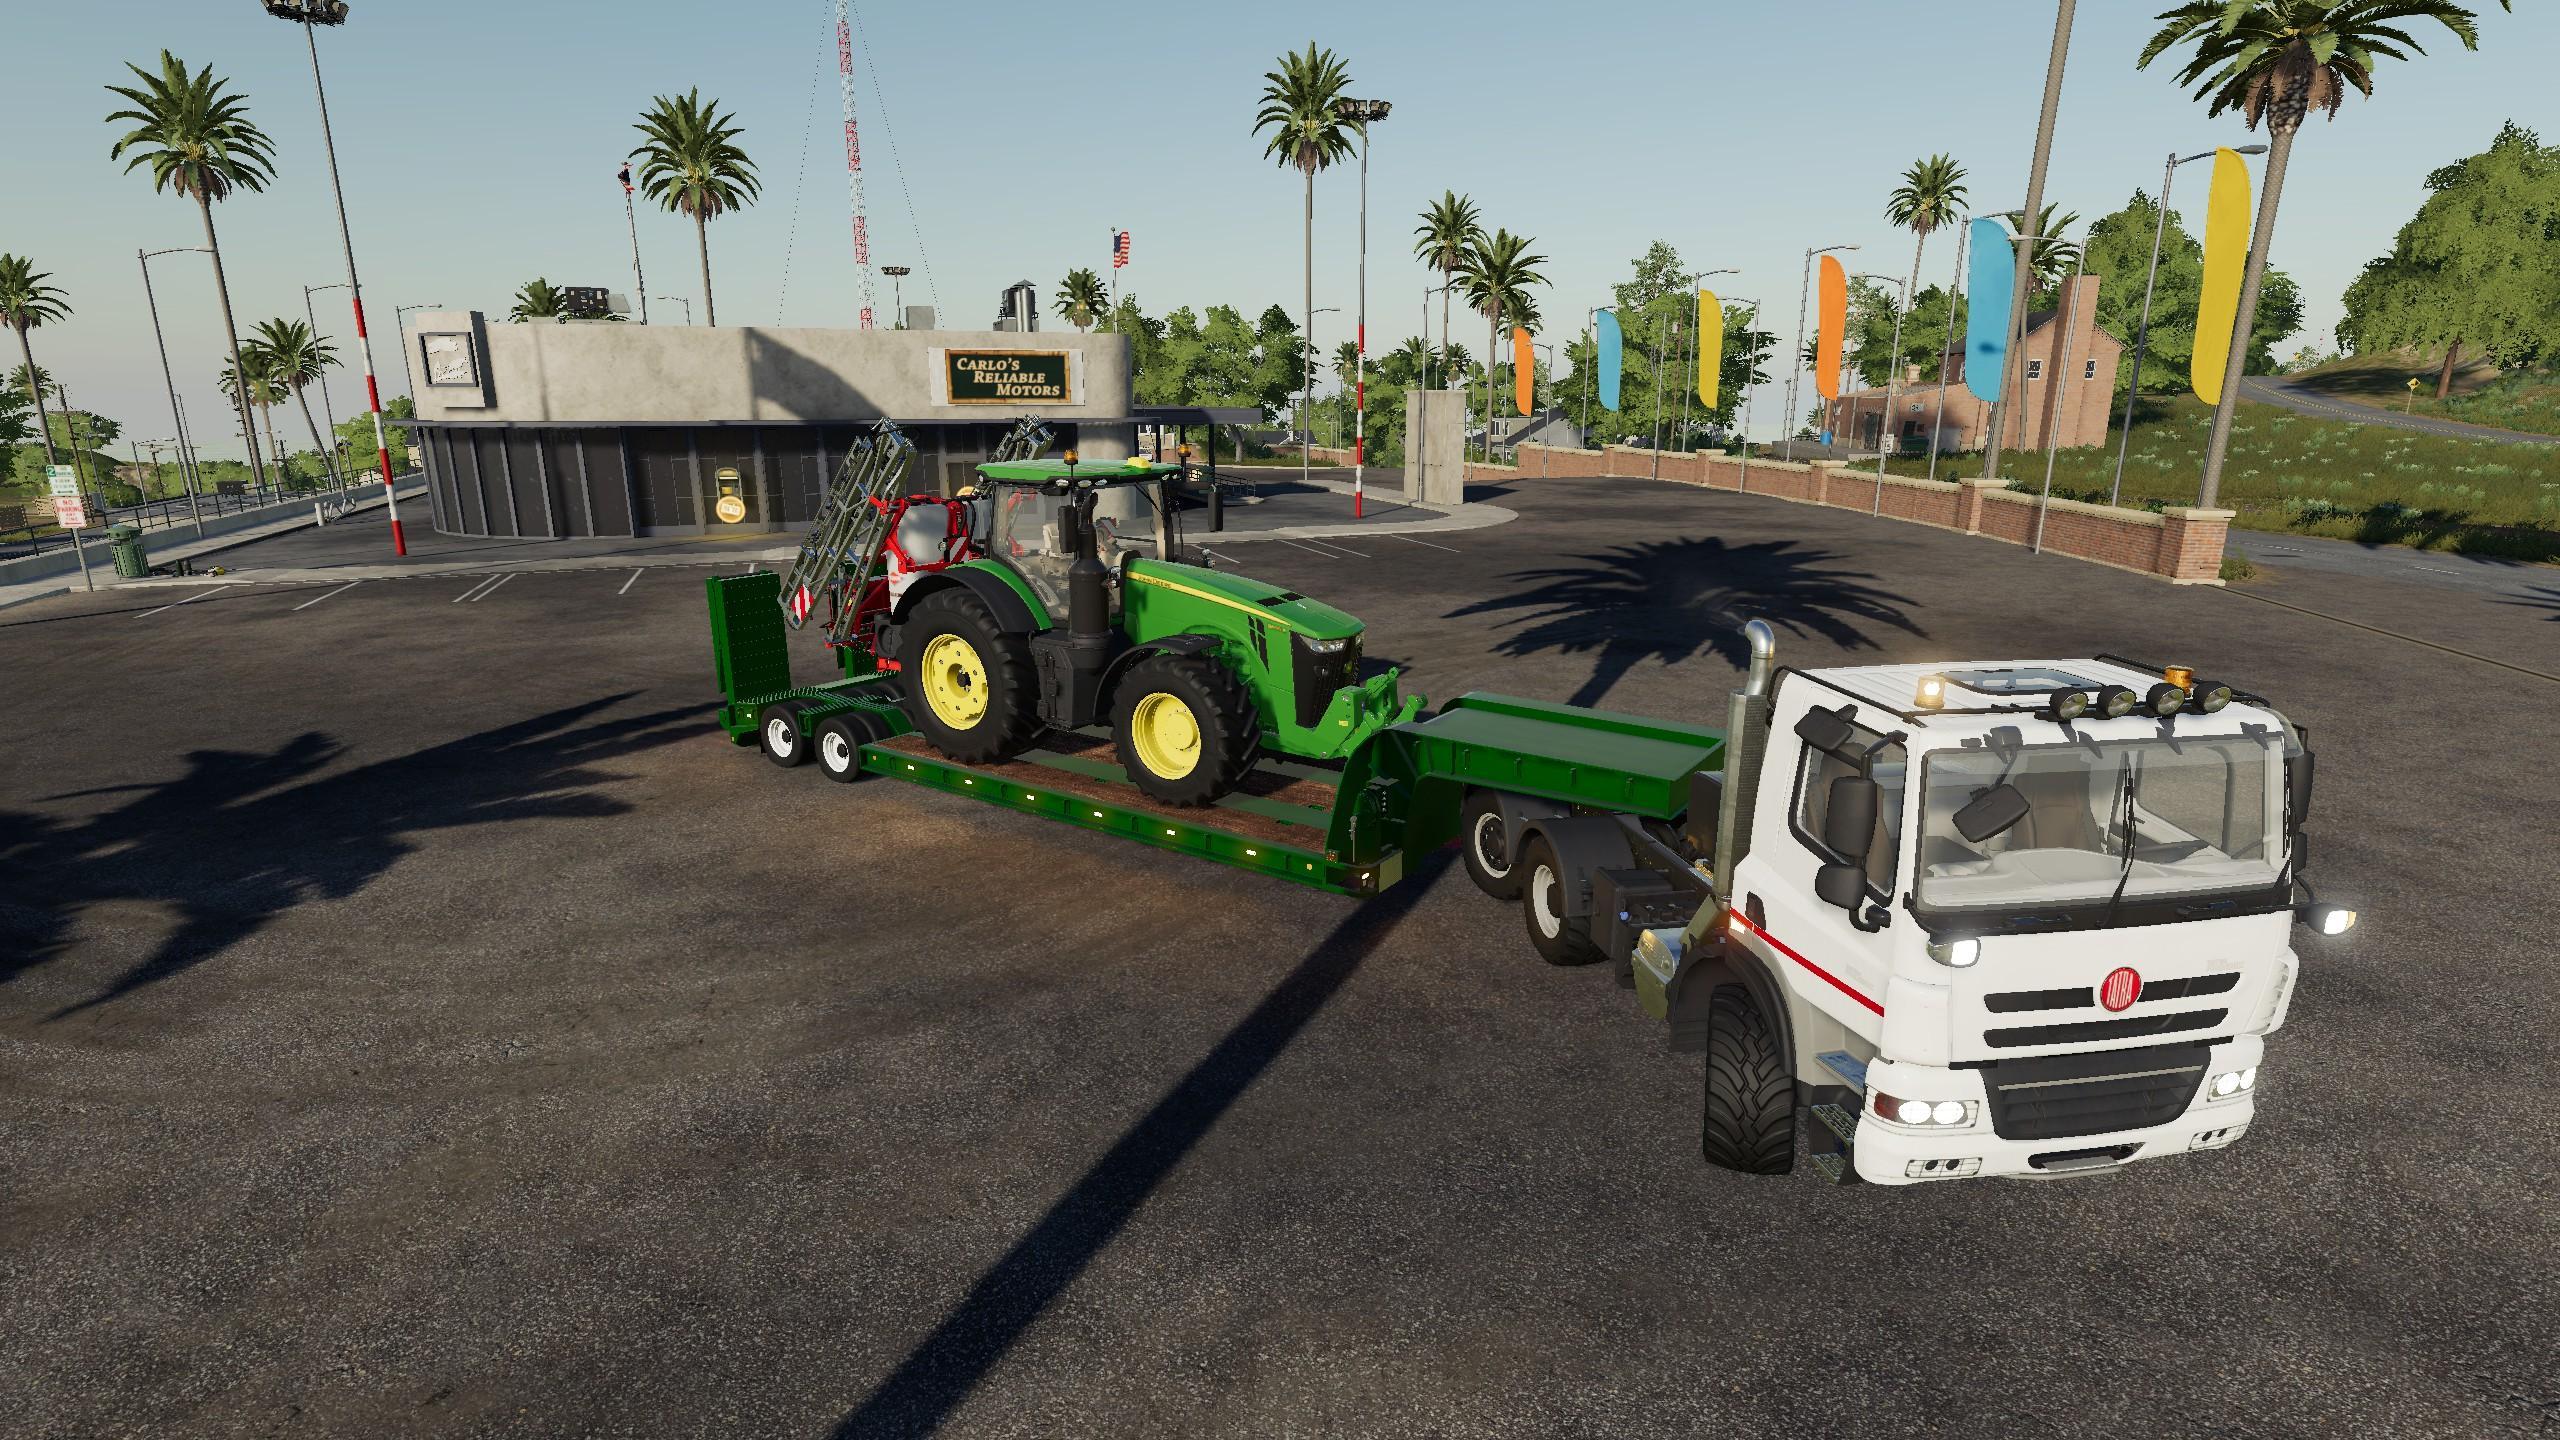 16wheelsLowdeckTrailer v1 0 0 0 FS19 - Farming Simulator 19 Mod